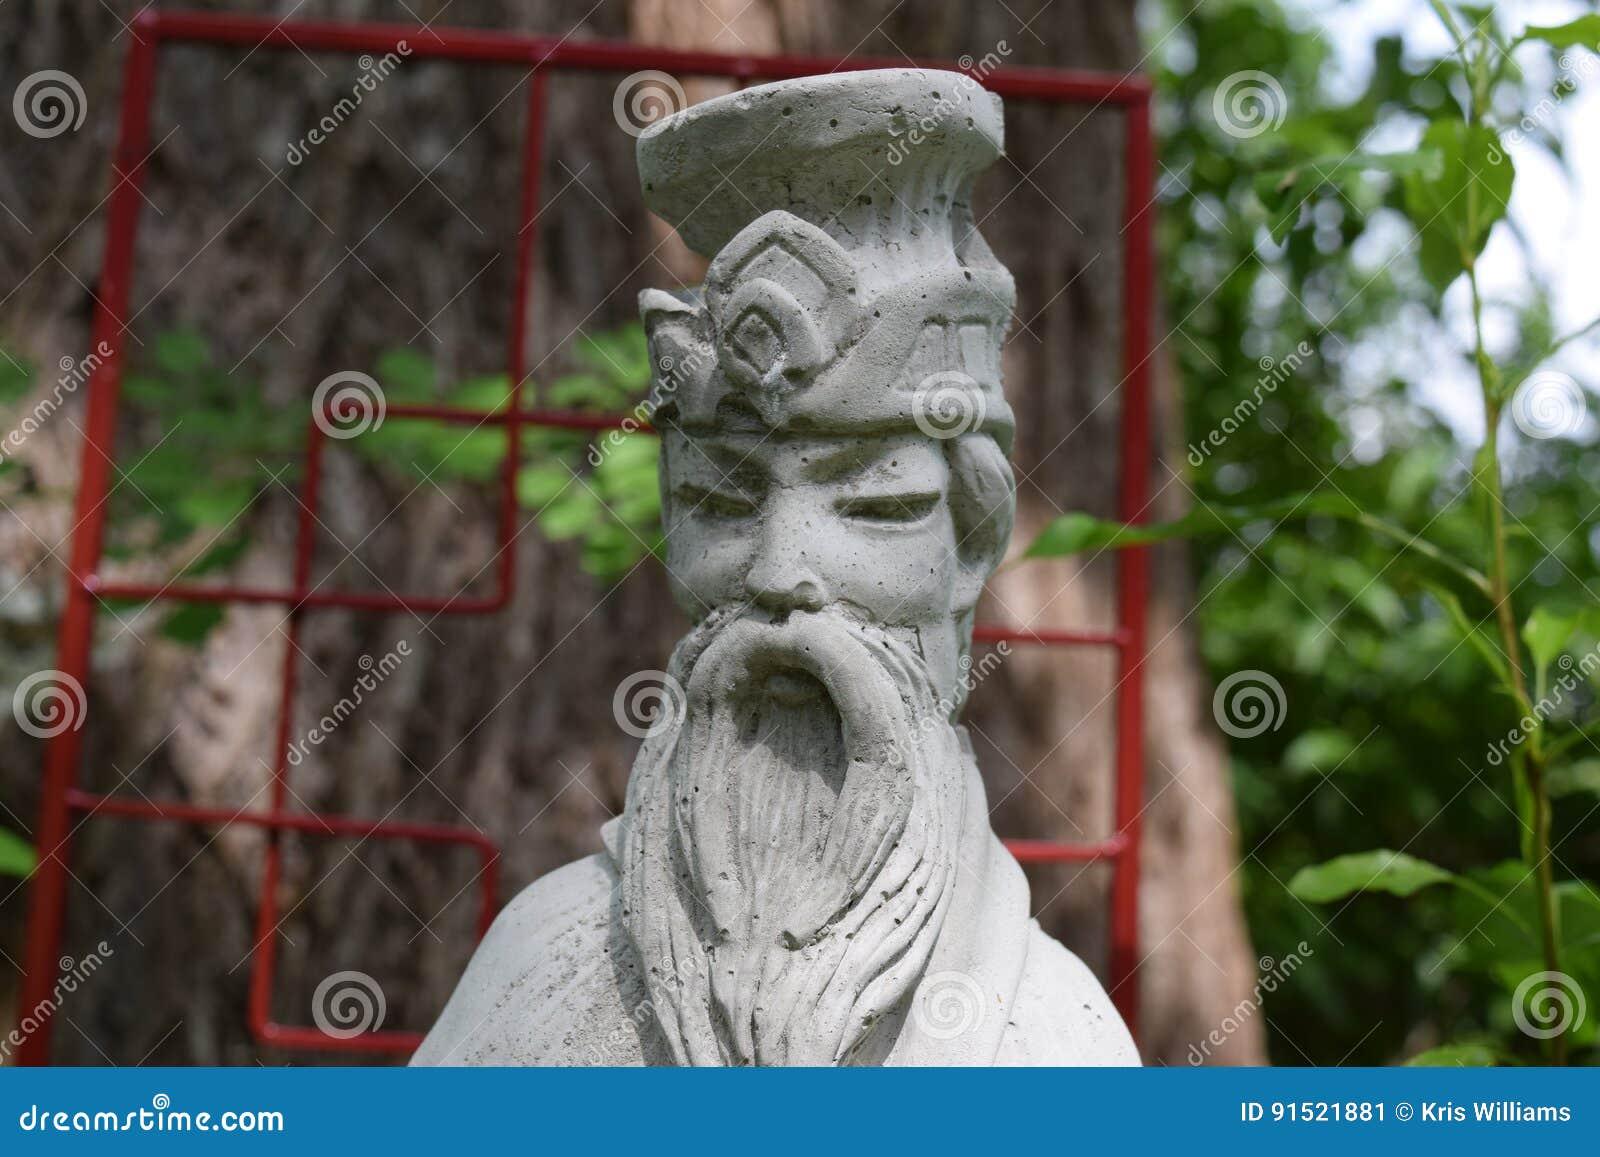 Sun Tzu statue in front of red garden arbor